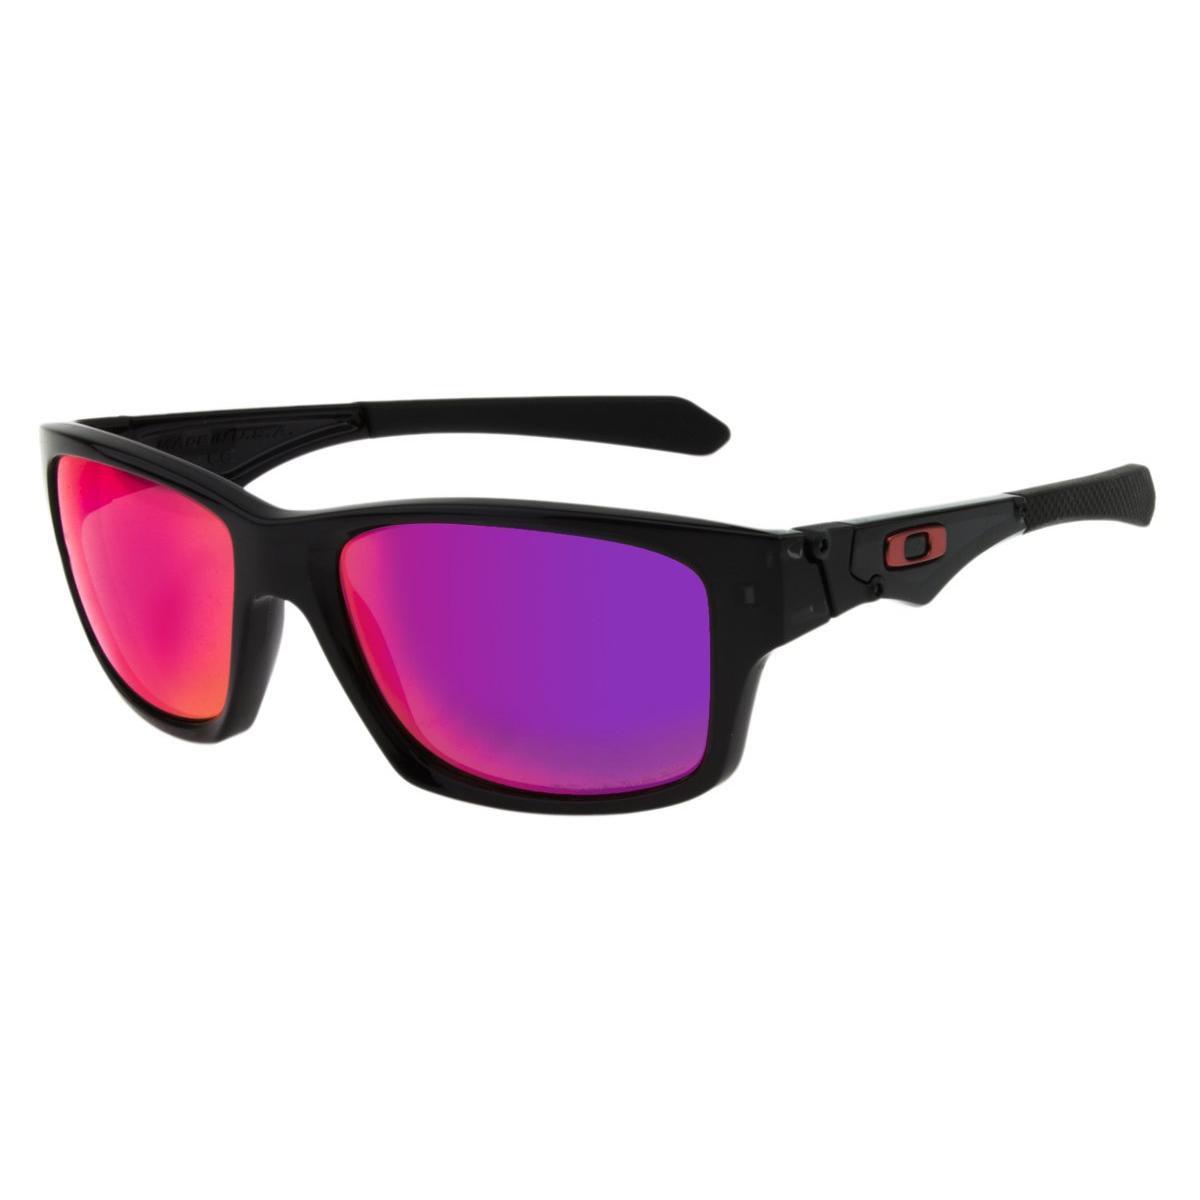 53f263baa78ca ... Óculos de Sol Oakley Jupiter Squared OO9135P - Black Ink Red Iridium  Polarized ...